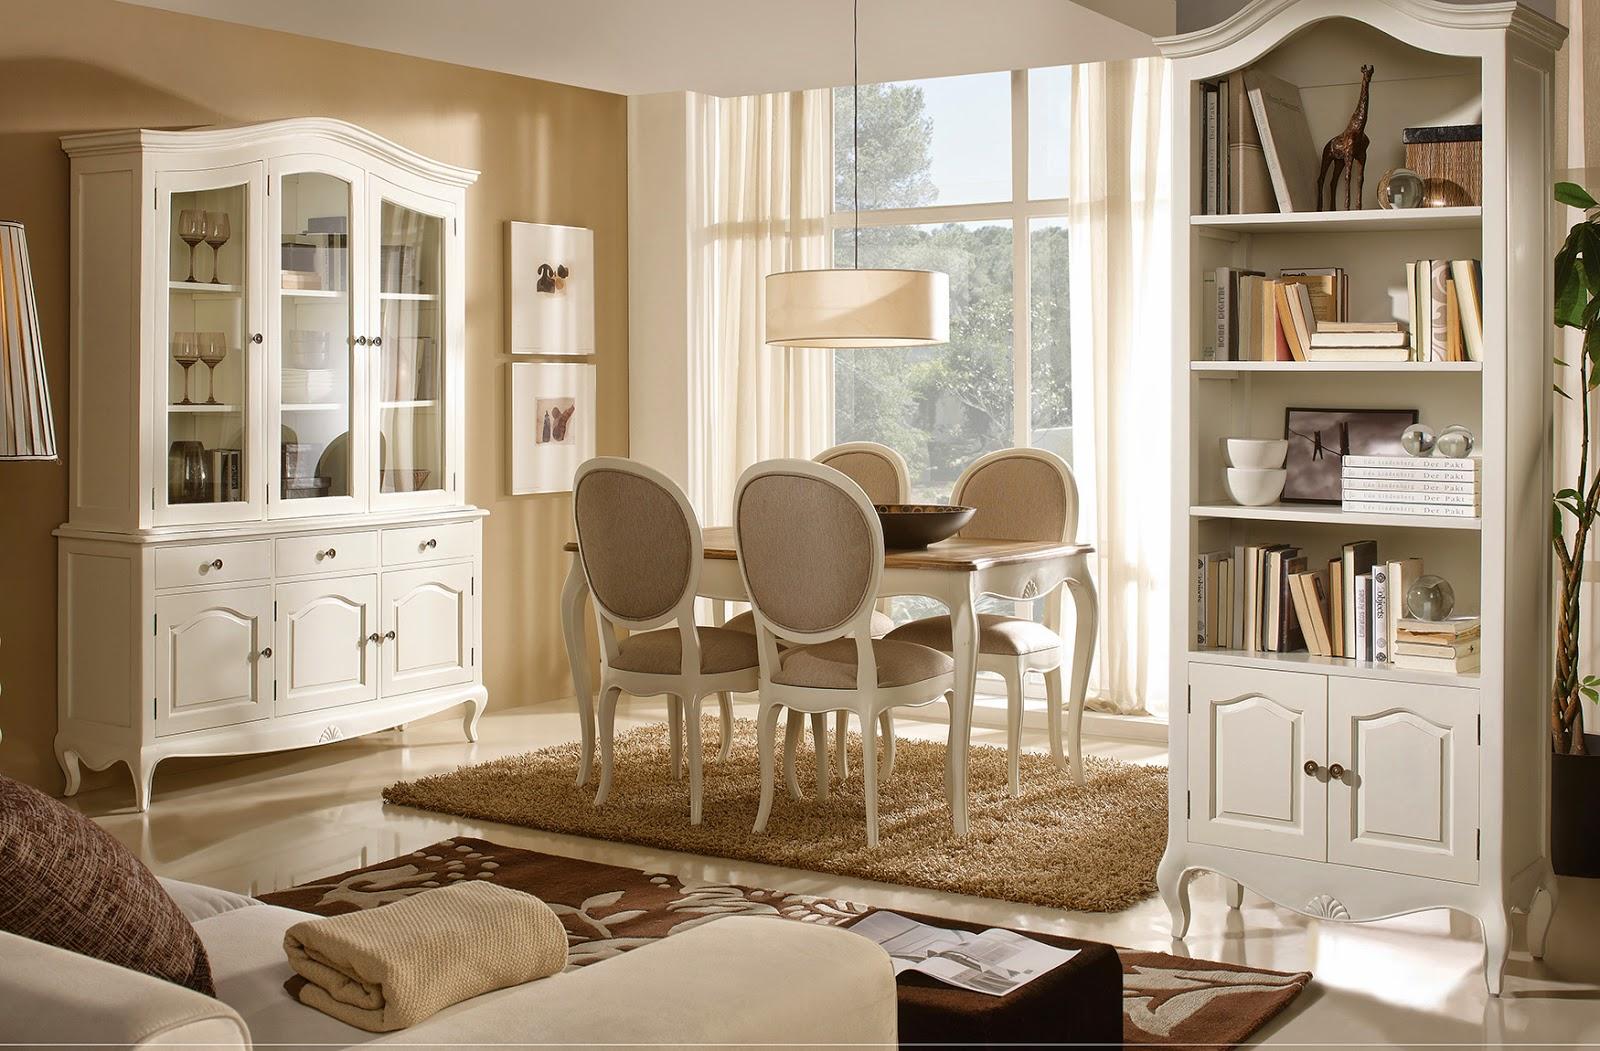 Muebles de comedor 5 comedores de estilo provenzal - Muebles estilo provenzal ...